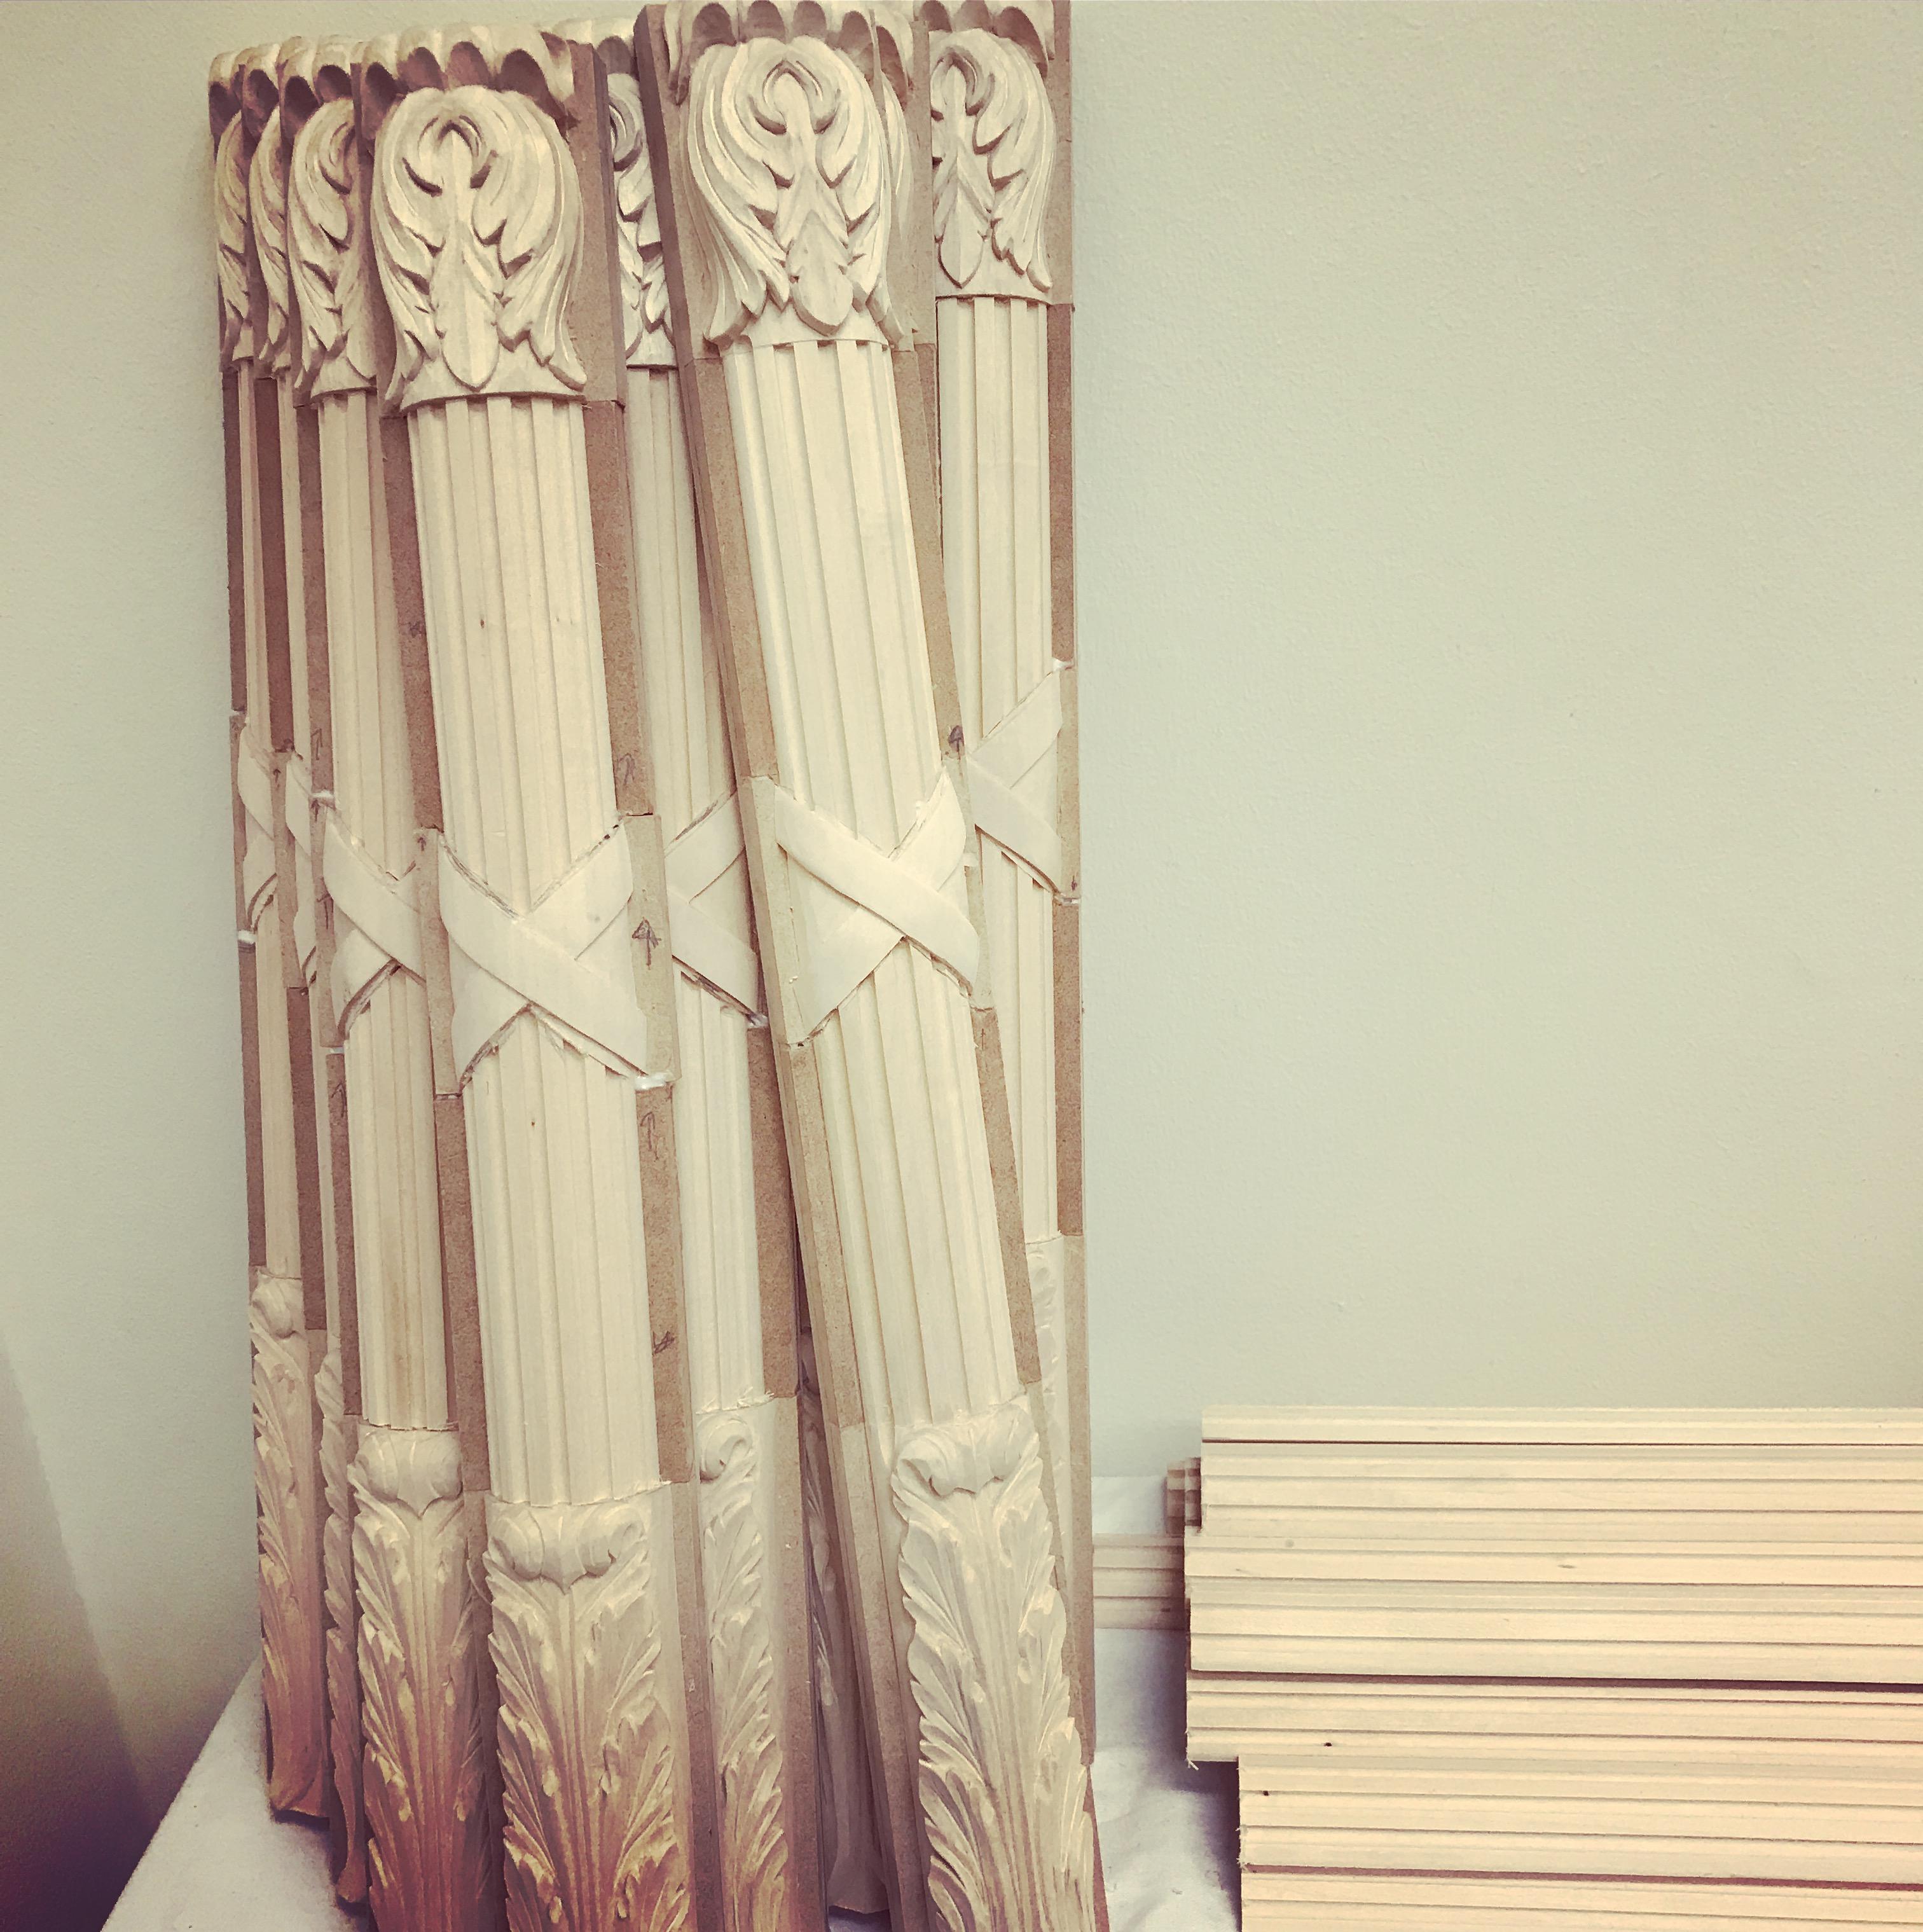 Vackert snidade träåpilastrar lutade mot en vägg i en verkstad